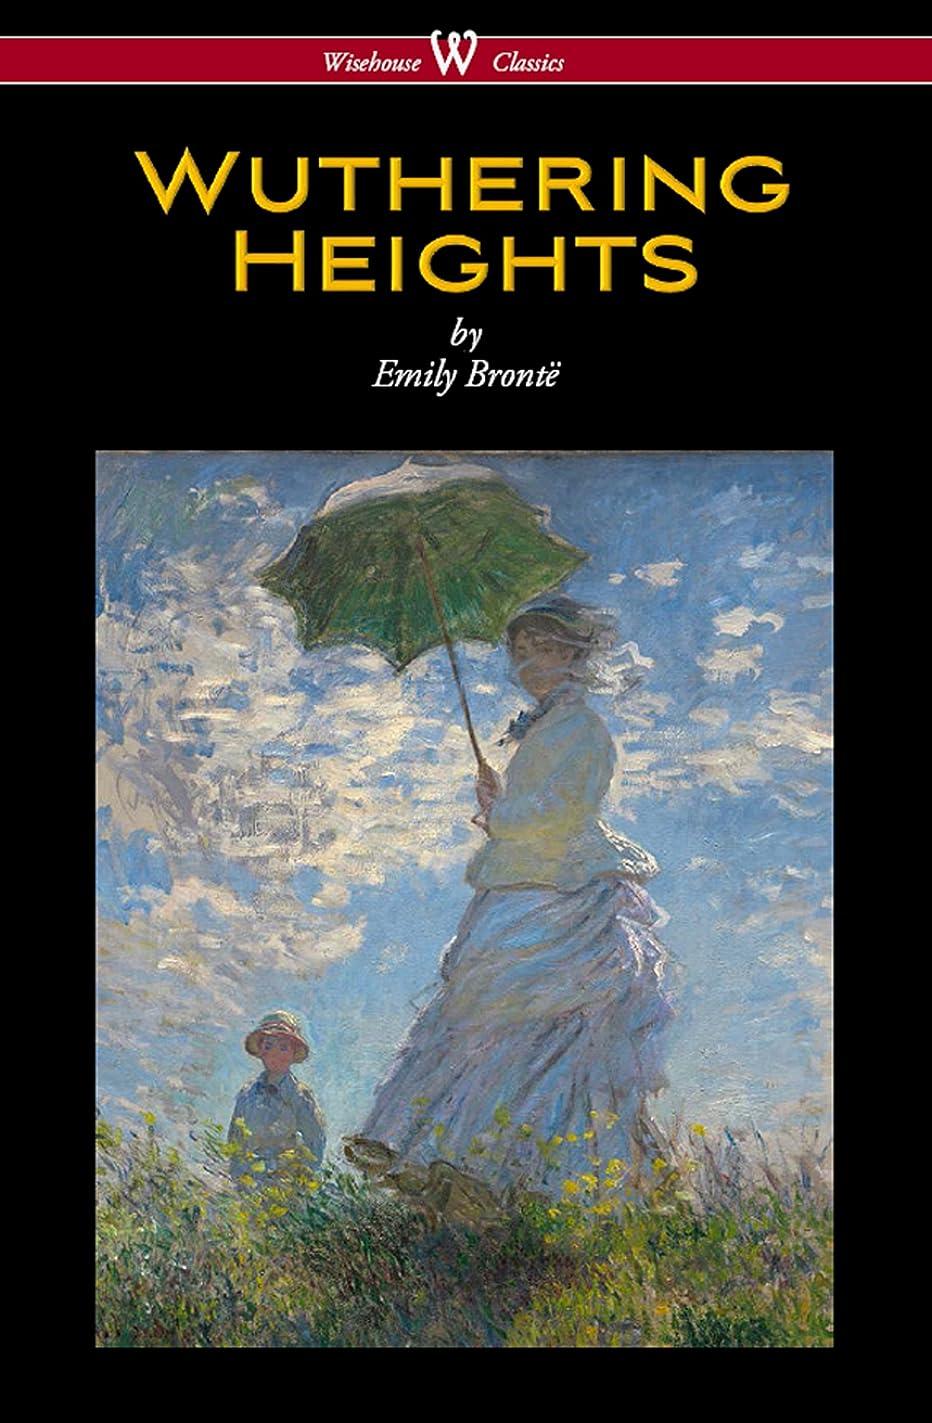 交じるストライプ通訳Wuthering Heights (Wisehouse Classics Edition) (English Edition)